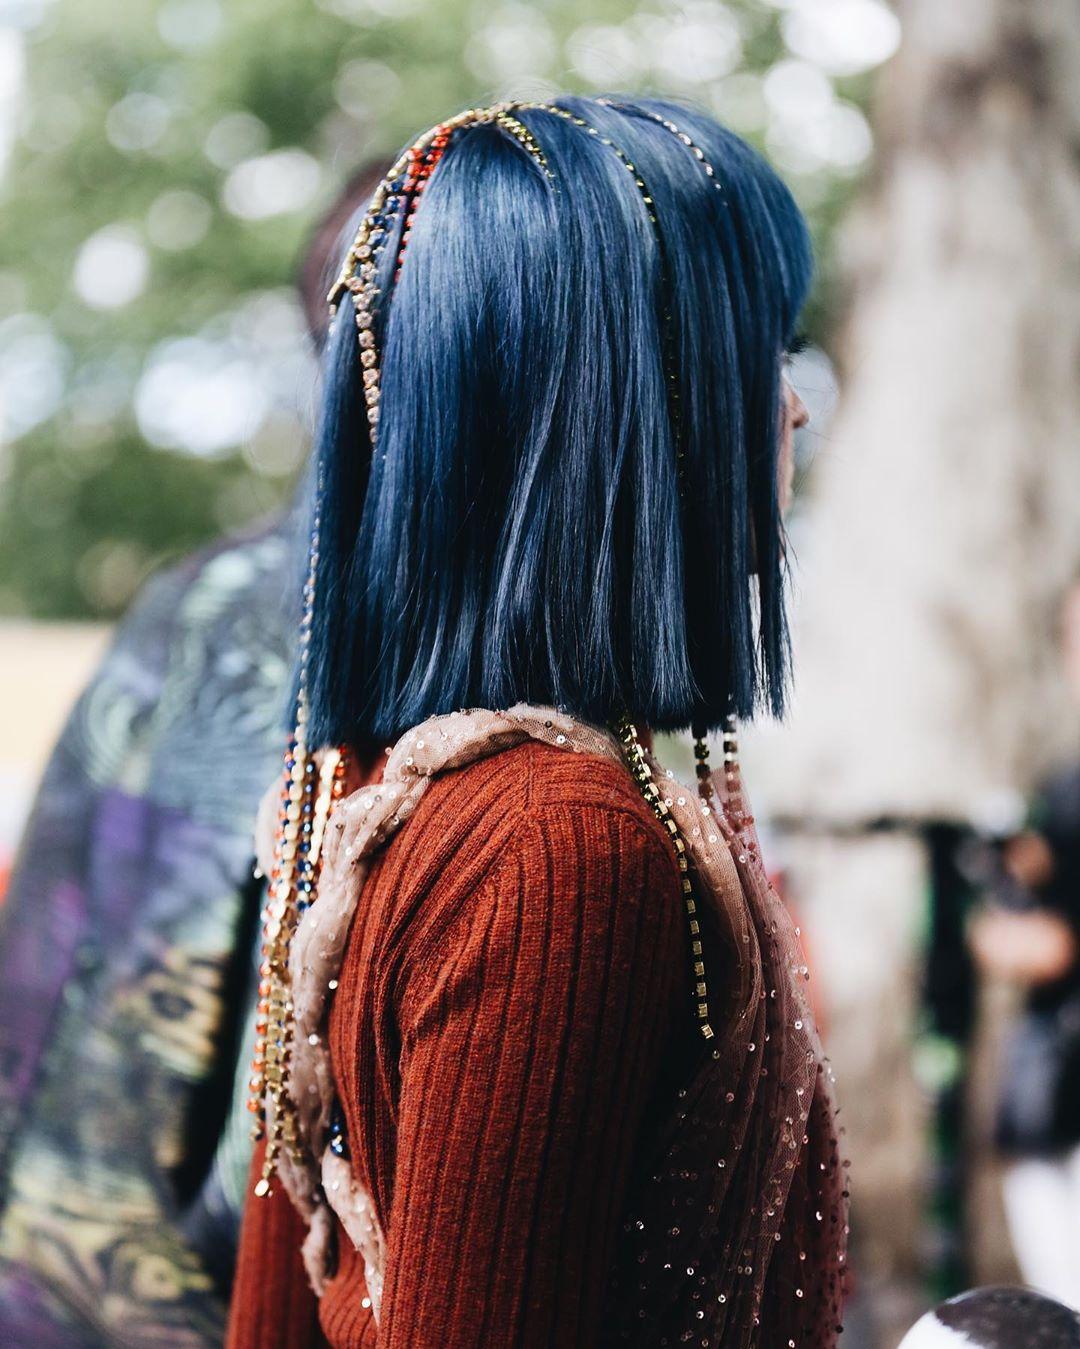 Cô gái tóc xanh đeo phụ kiện tóc dạng chuỗi